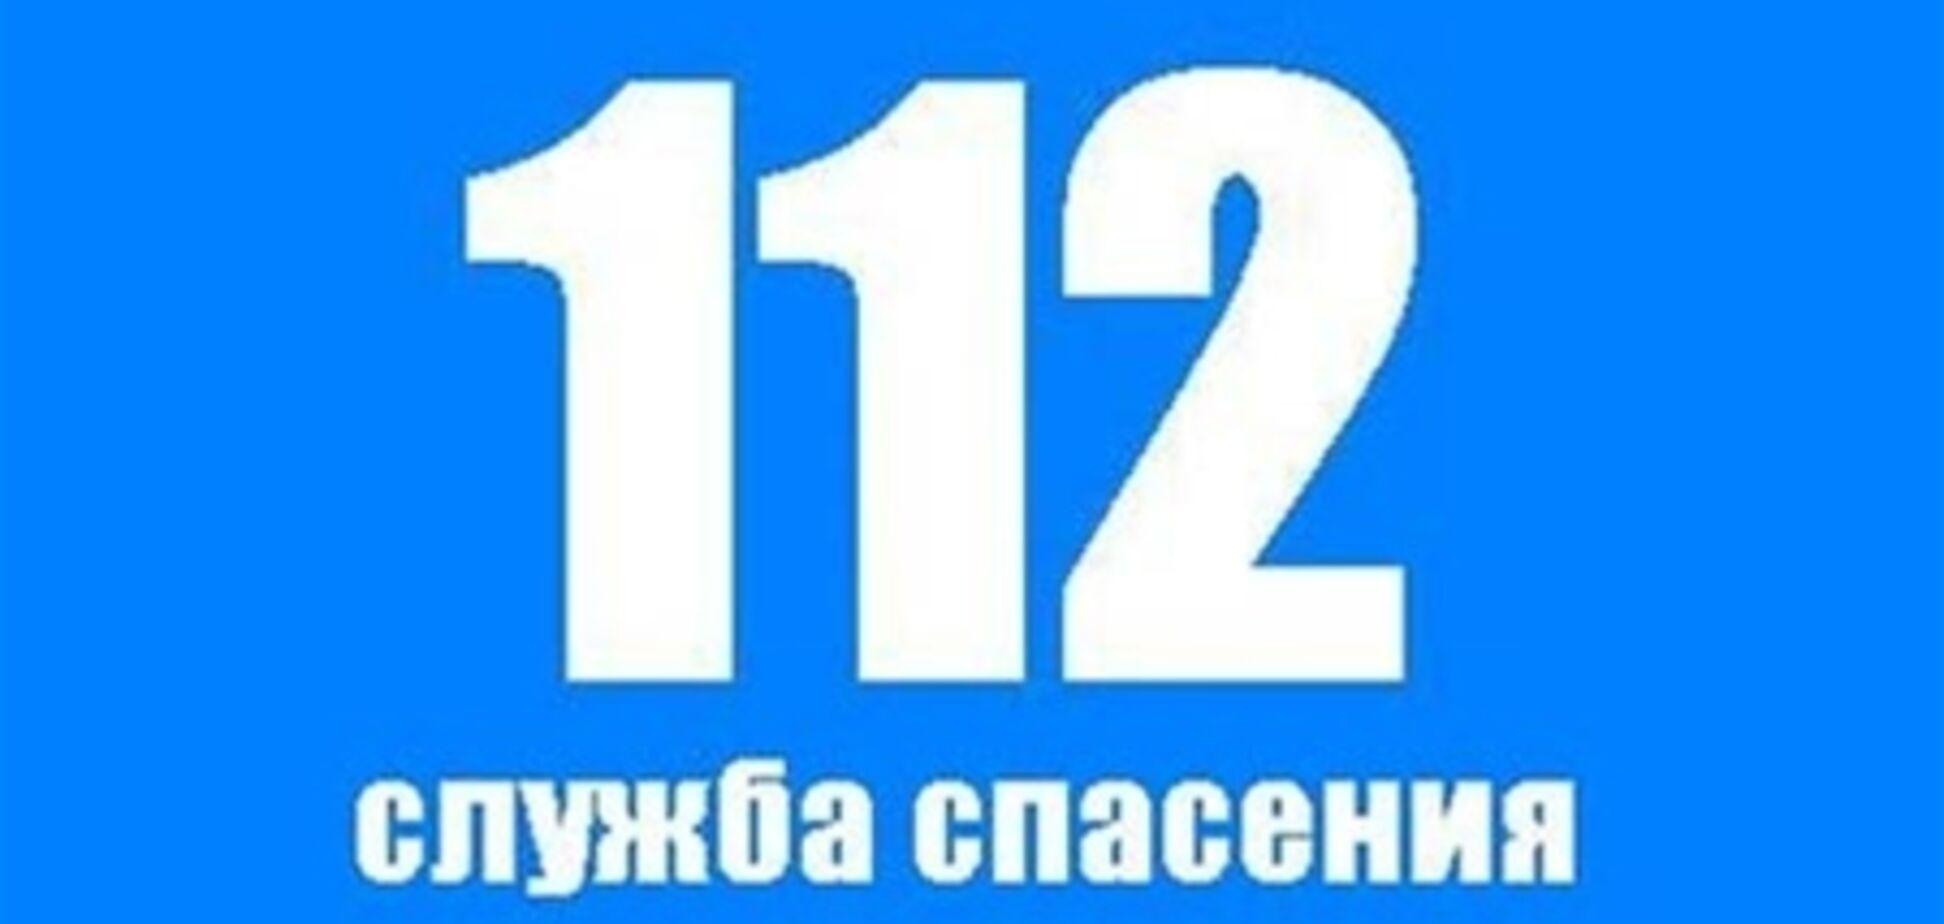 Экстренную помощь '112' в Украину создадут американцы